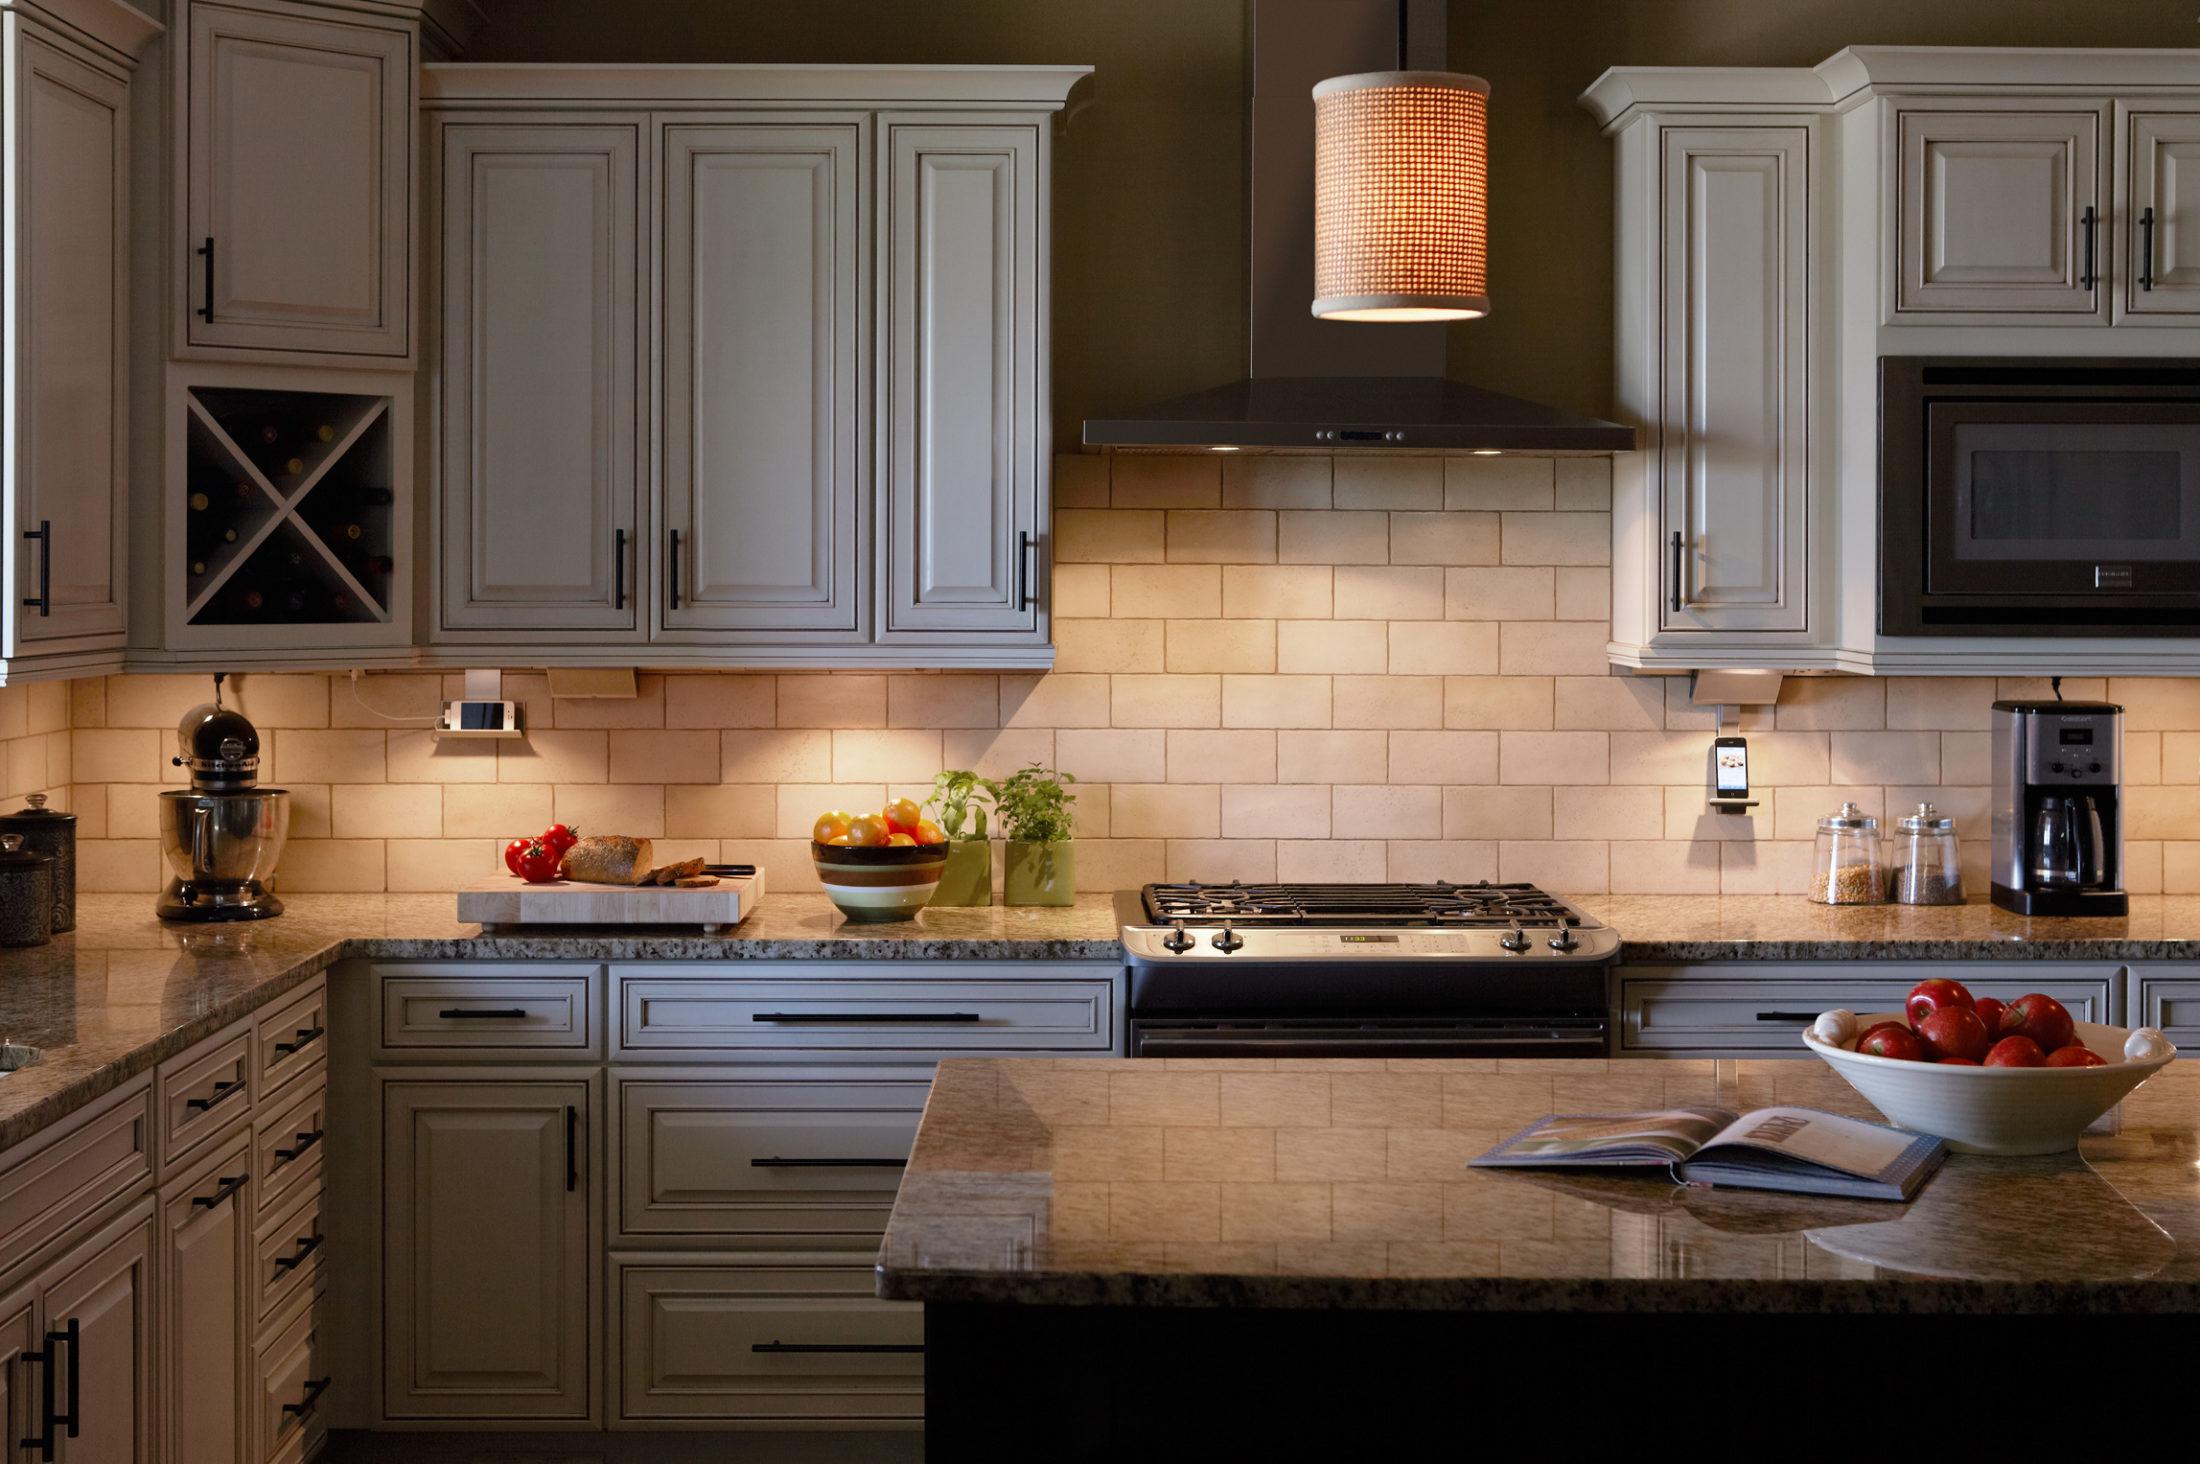 cabinet lighting light kitchen cabinets LED Strip Lights or Puck Lights